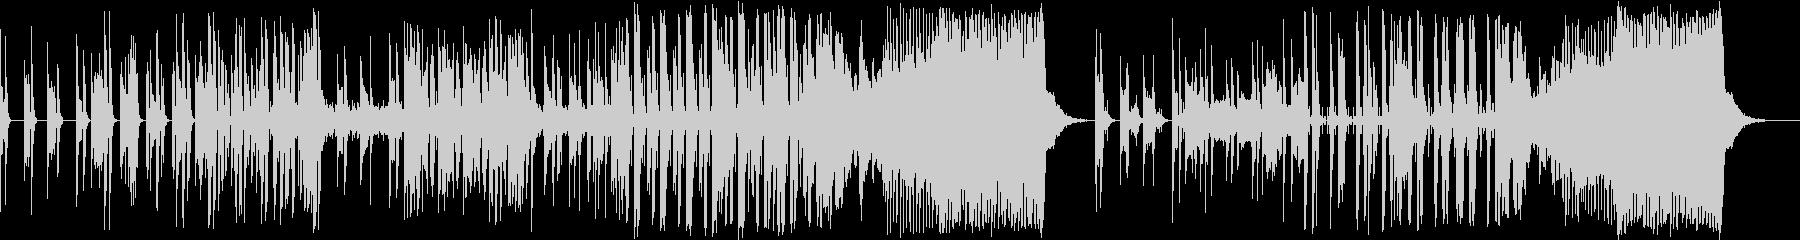 シンセを使った不穏なドラムンベースの未再生の波形